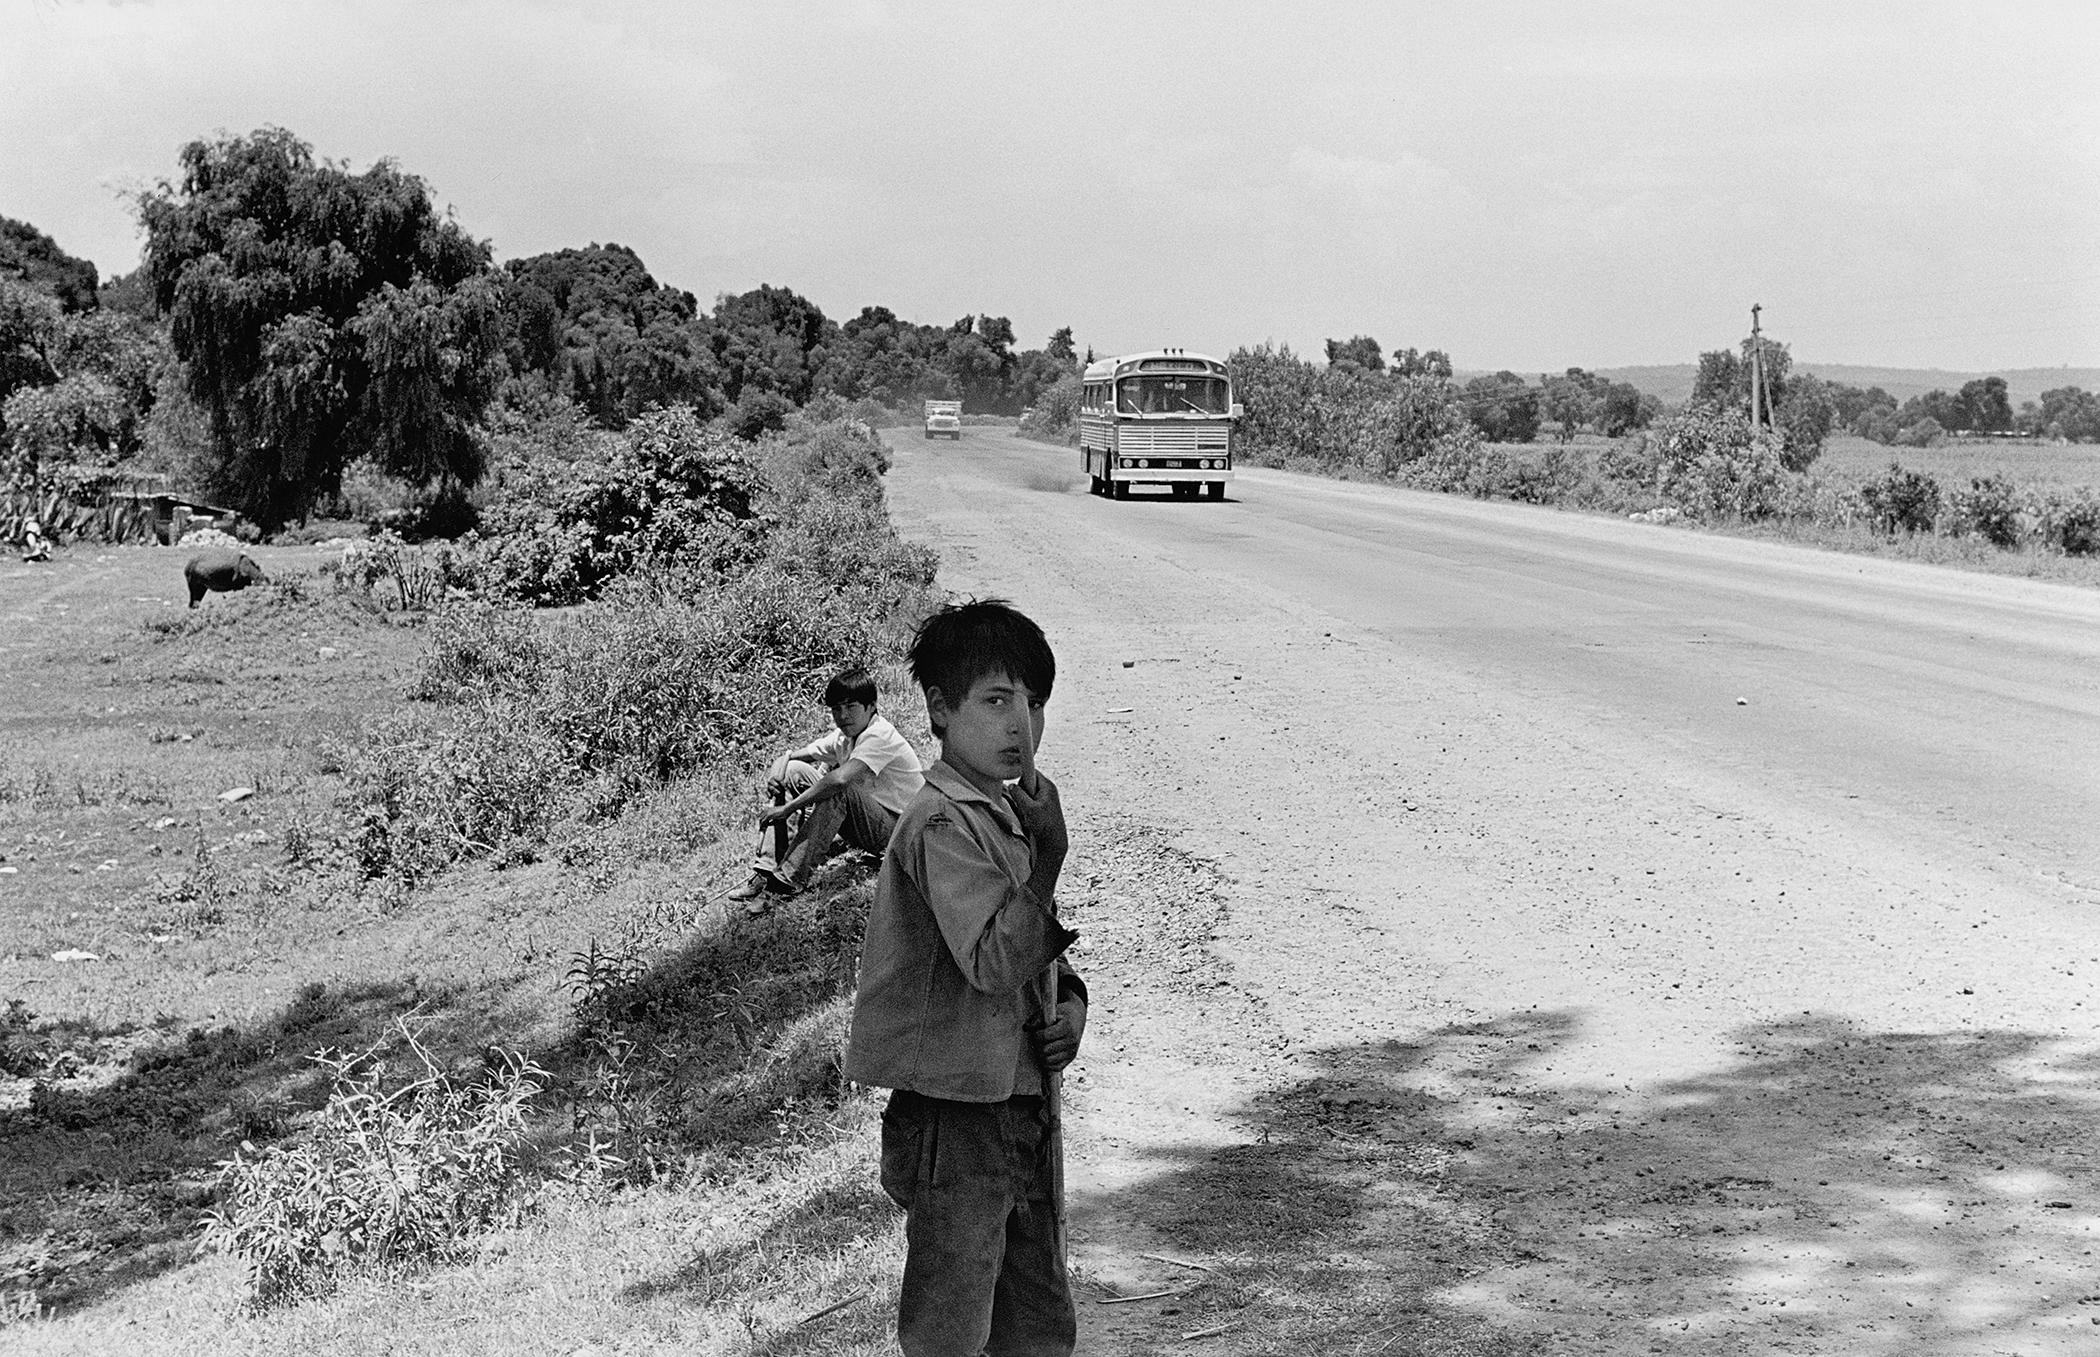 Rural Mexico 1972